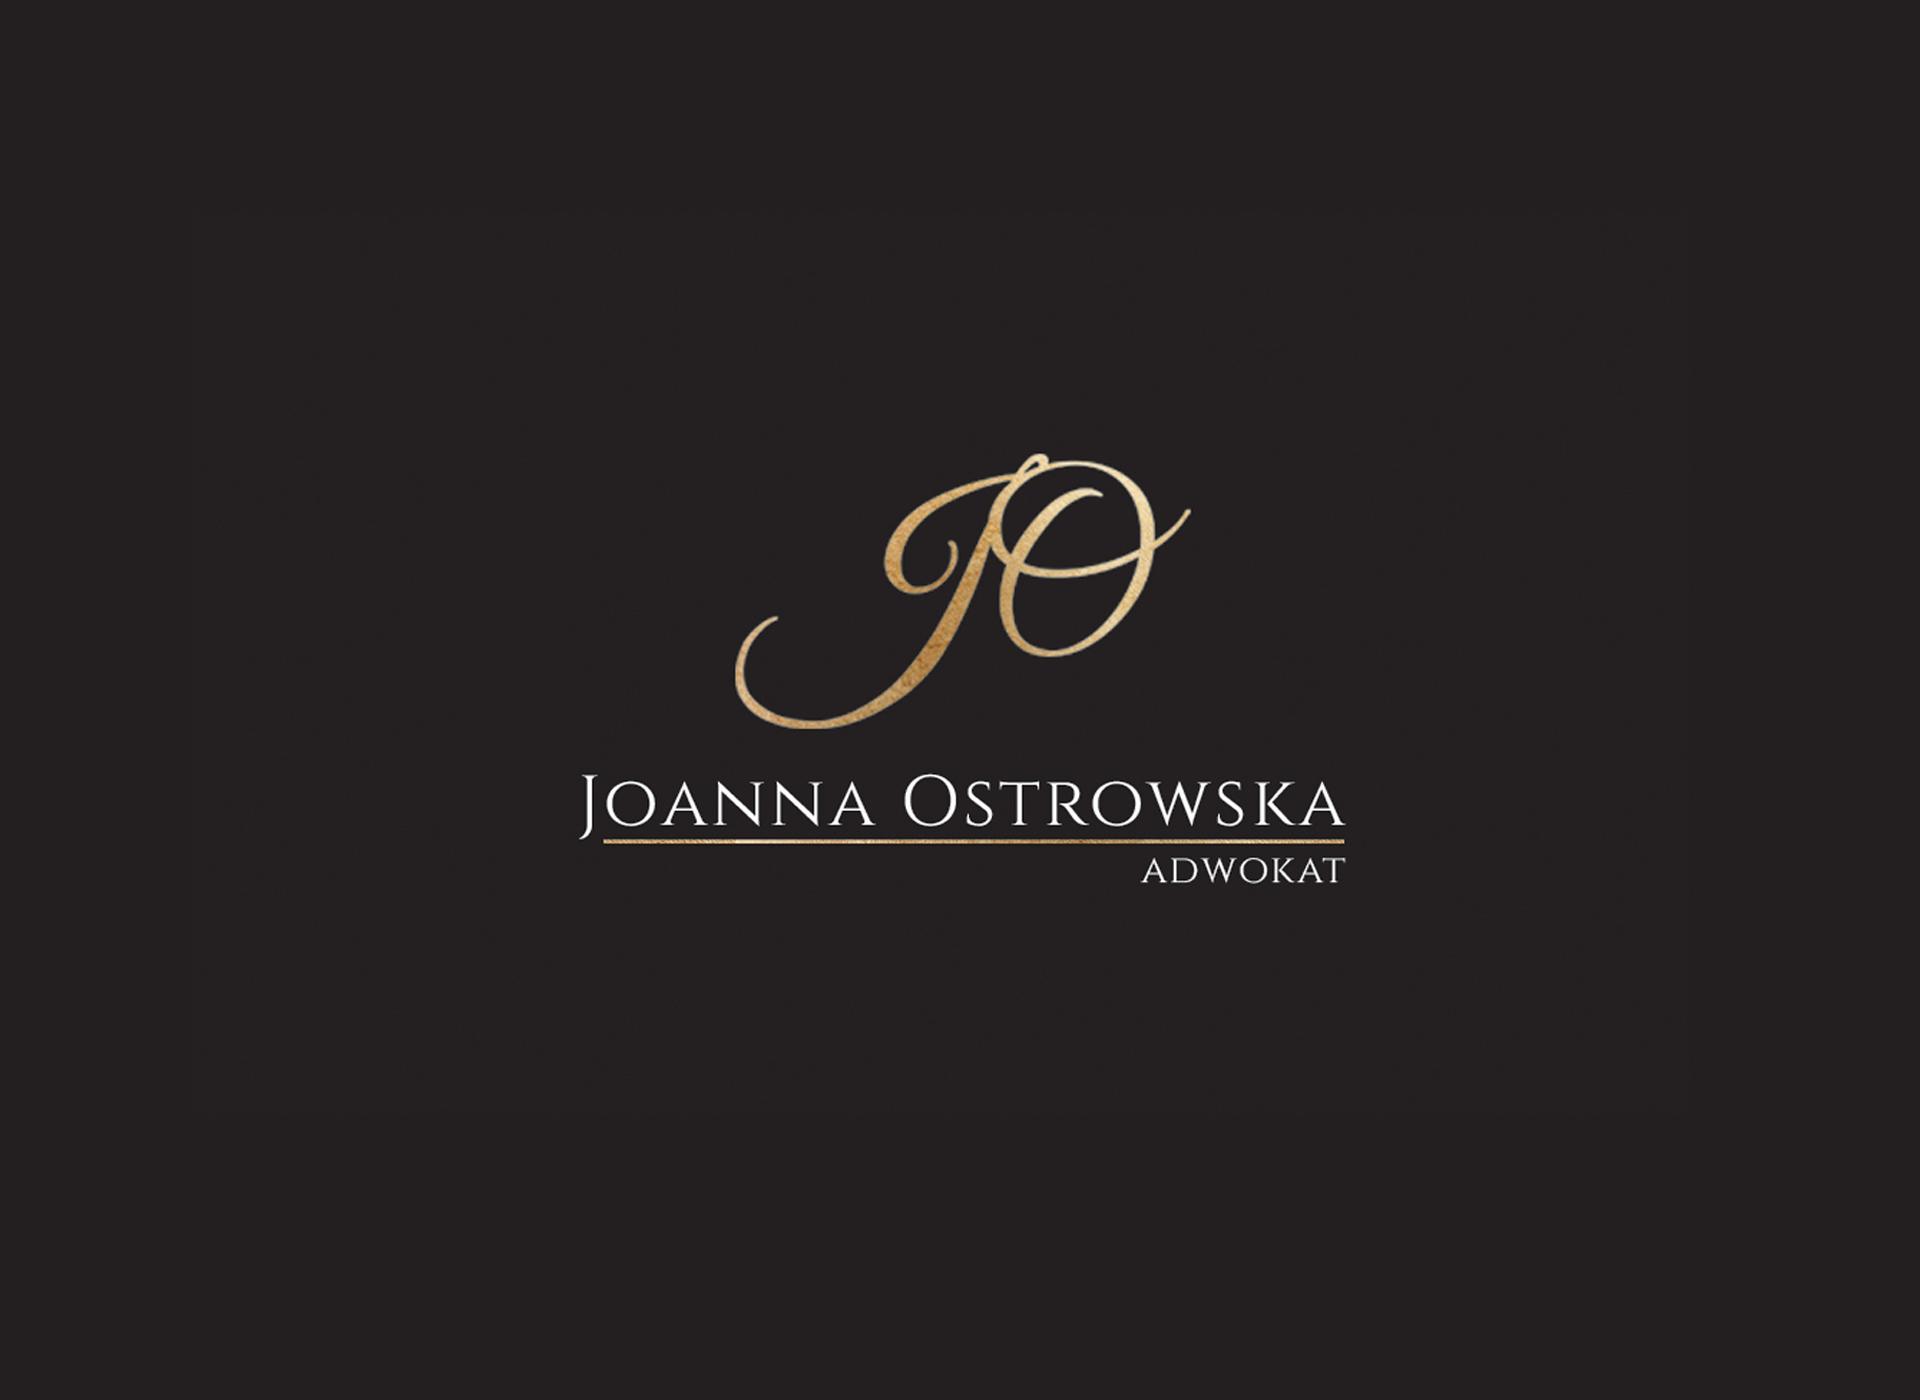 Joanna Ostrowska logo